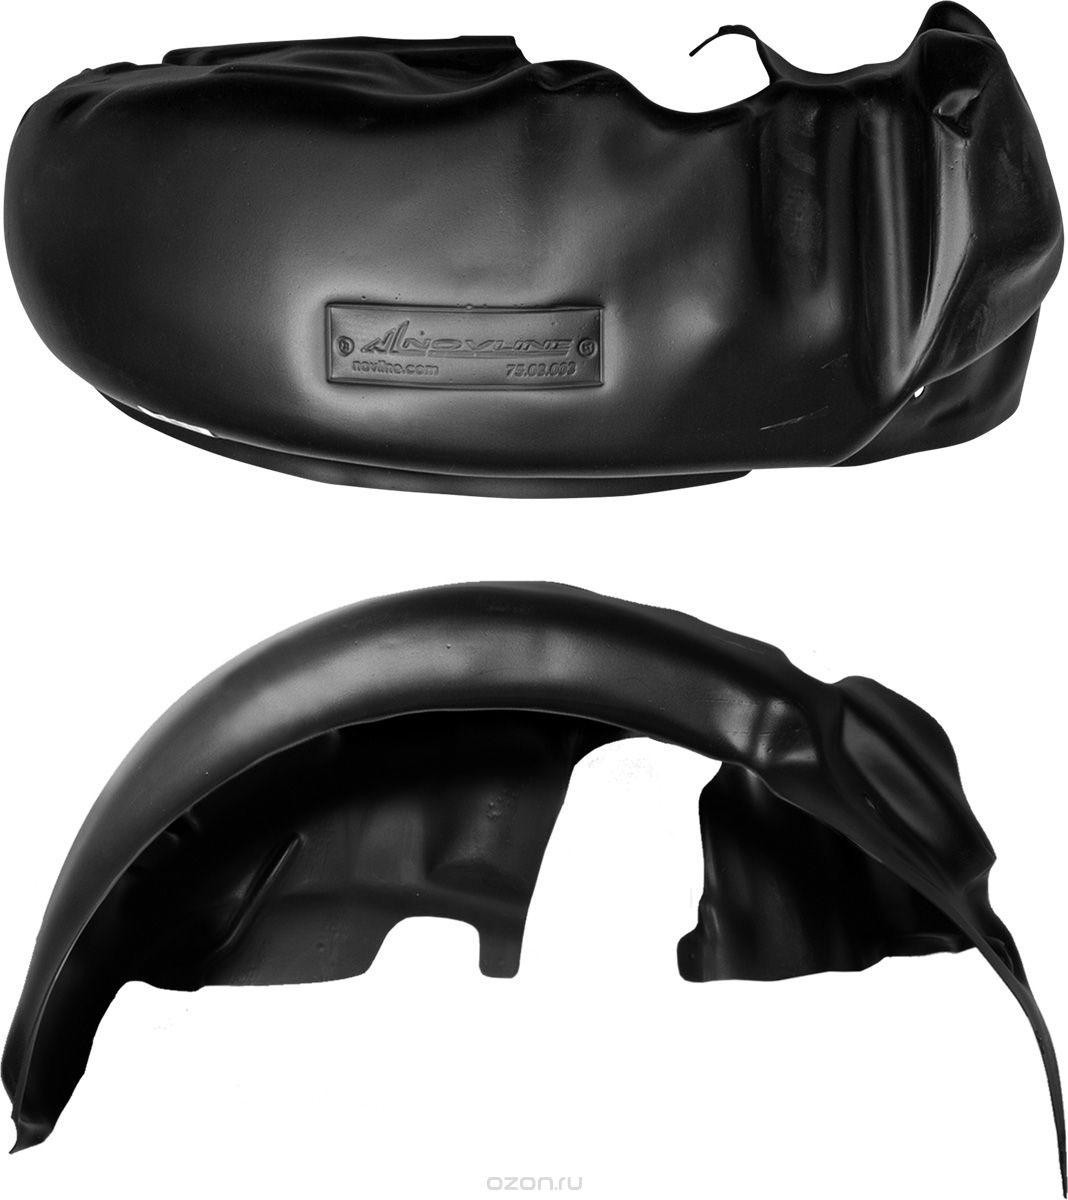 Подкрылок Novline-Autofamily, для Нива 4х4, 2009->, передний правыйNLL.52.20.002Идеальная защита колесной ниши. Локеры разработаны с применением цифровых технологий, гарантируют максимальную повторяемость поверхности арки. Изделия устанавливаются без нарушения лакокрасочного покрытия автомобиля, каждый подкрылок комплектуется крепежом. Уважаемые клиенты, обращаем ваше внимание, что фотографии на подкрылки универсальные и не отражают реальную форму изделия. При этом само изделие идет точно под размер указанного автомобиля.